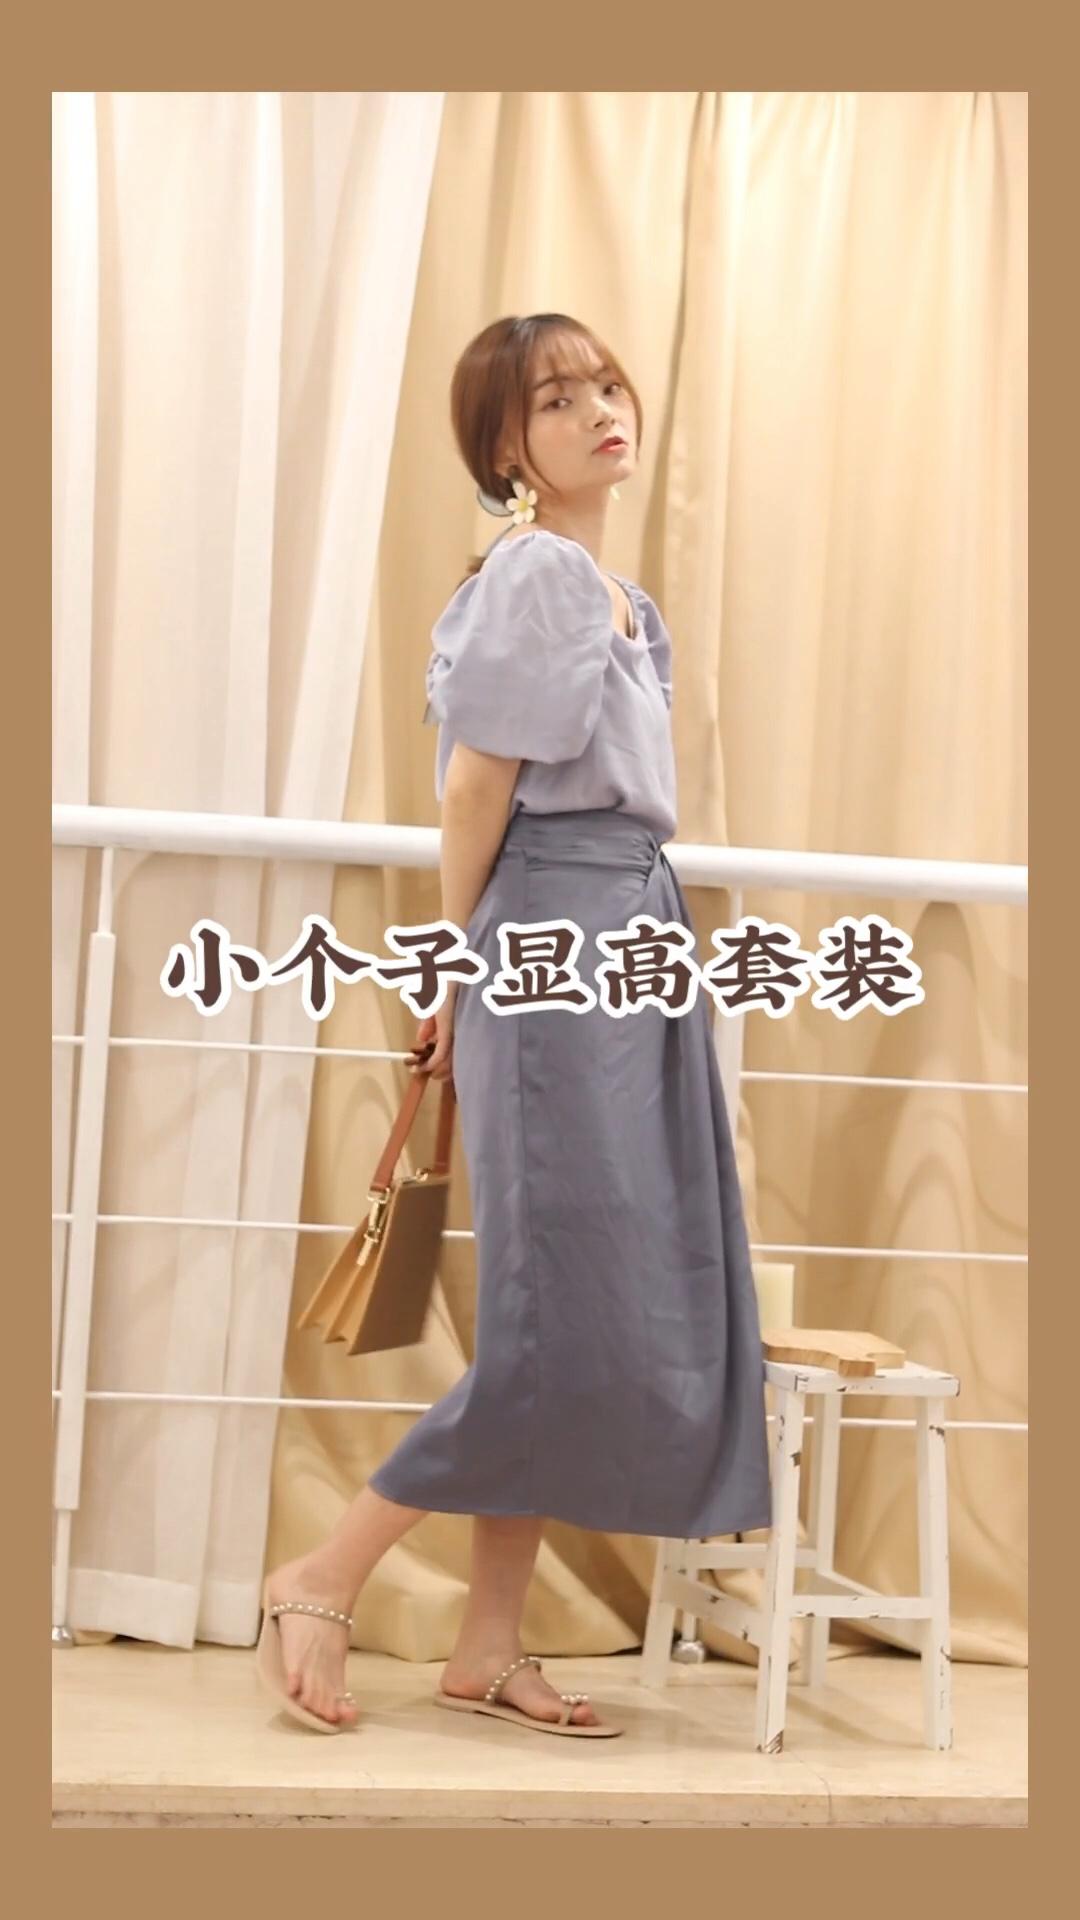 #矮妹显高套装,不盘不行!# 温柔仙女风套装 同蓝色系 很有质感和高级感的搭配 这两个蓝都是属于很有气质的蓝~ 裙子高腰设计 很适合小个子